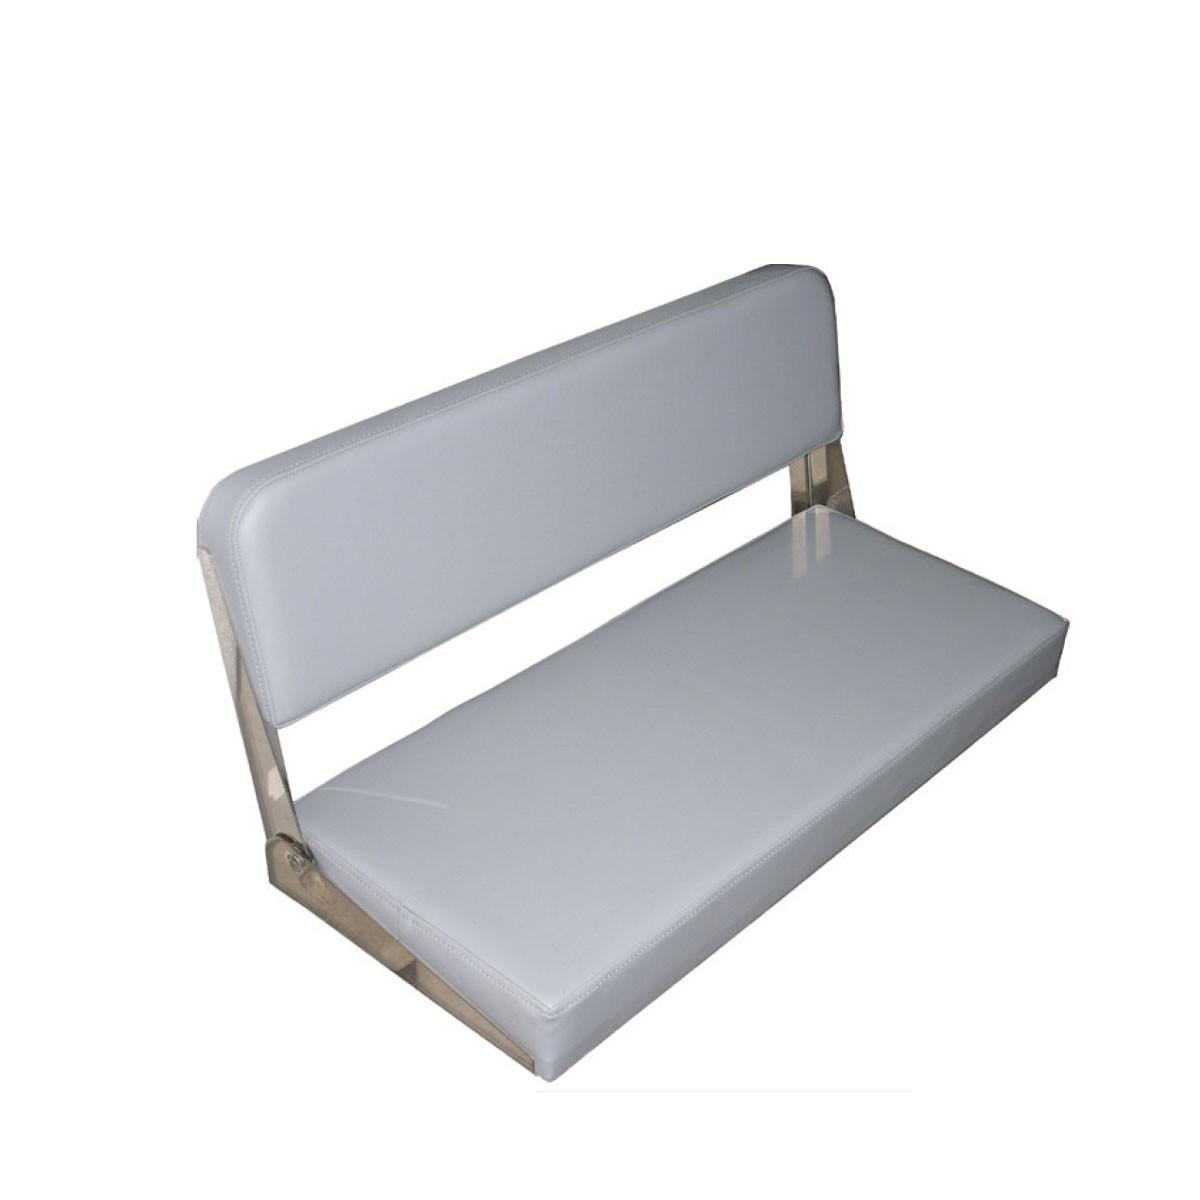 220.93 - Κάθισμα-Μαξιλάρι Αναδιπλούμενο Για Κάθισμα Σκάφους Χρώματος Γκρι L80cm x W35cm x H48 cm